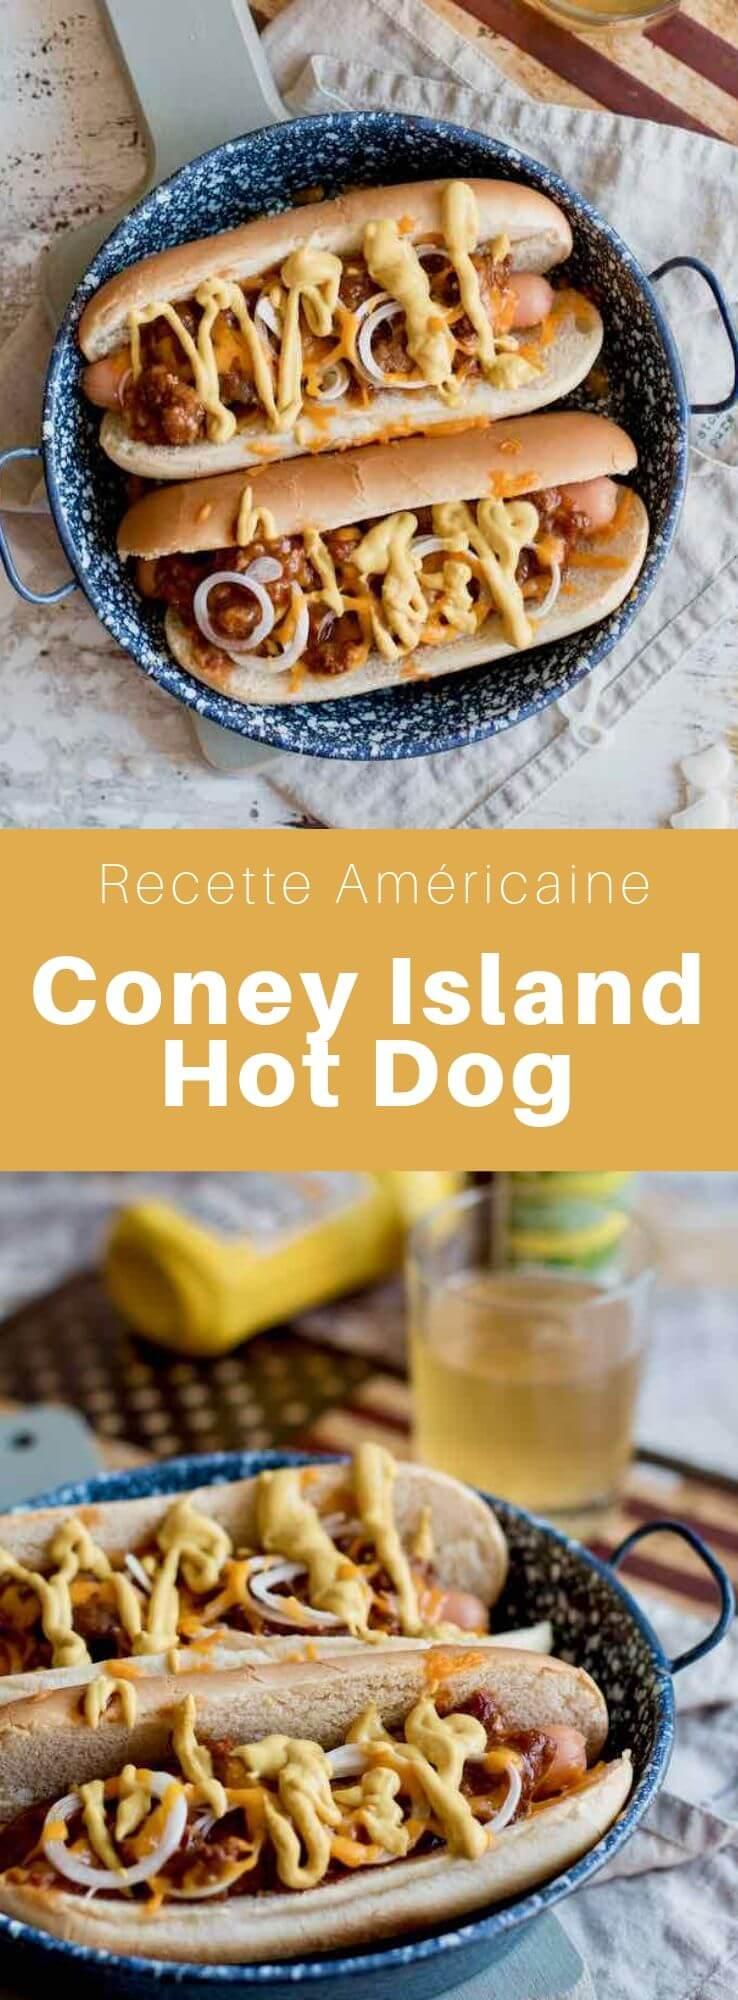 Le Coney Island hot dog est un hot-dog mais aussi un type de restaurant populaire dans le nord des États-Unis, en particulier dans le Michigan. #RecetteAmericaine #CuisineAmericaine #CuisineDuMonde #196flavors